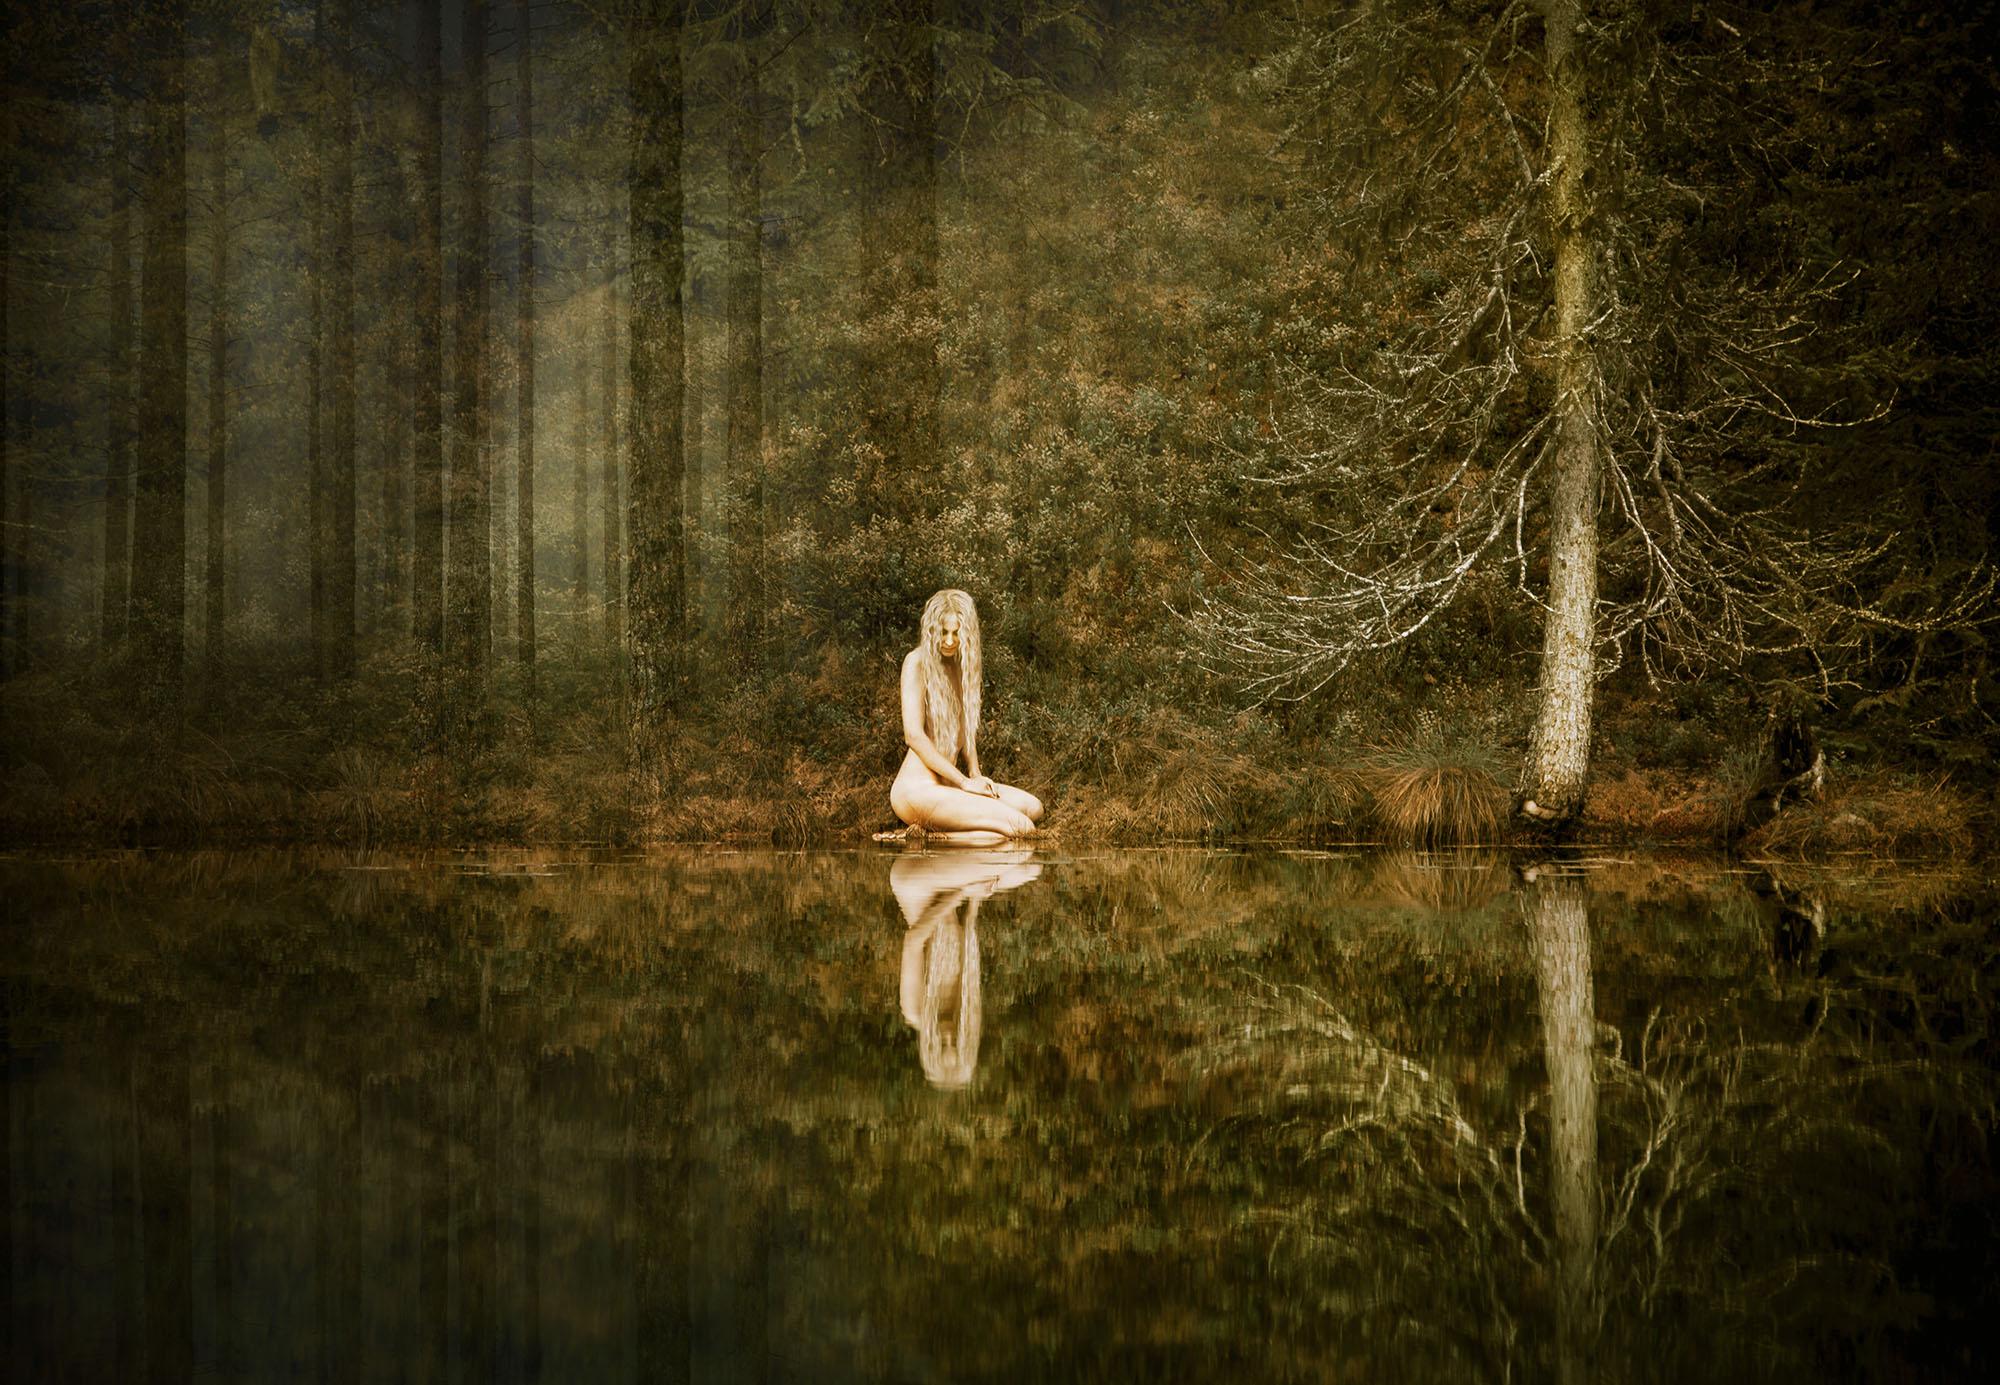 förtrollningen - Jonna Jinton